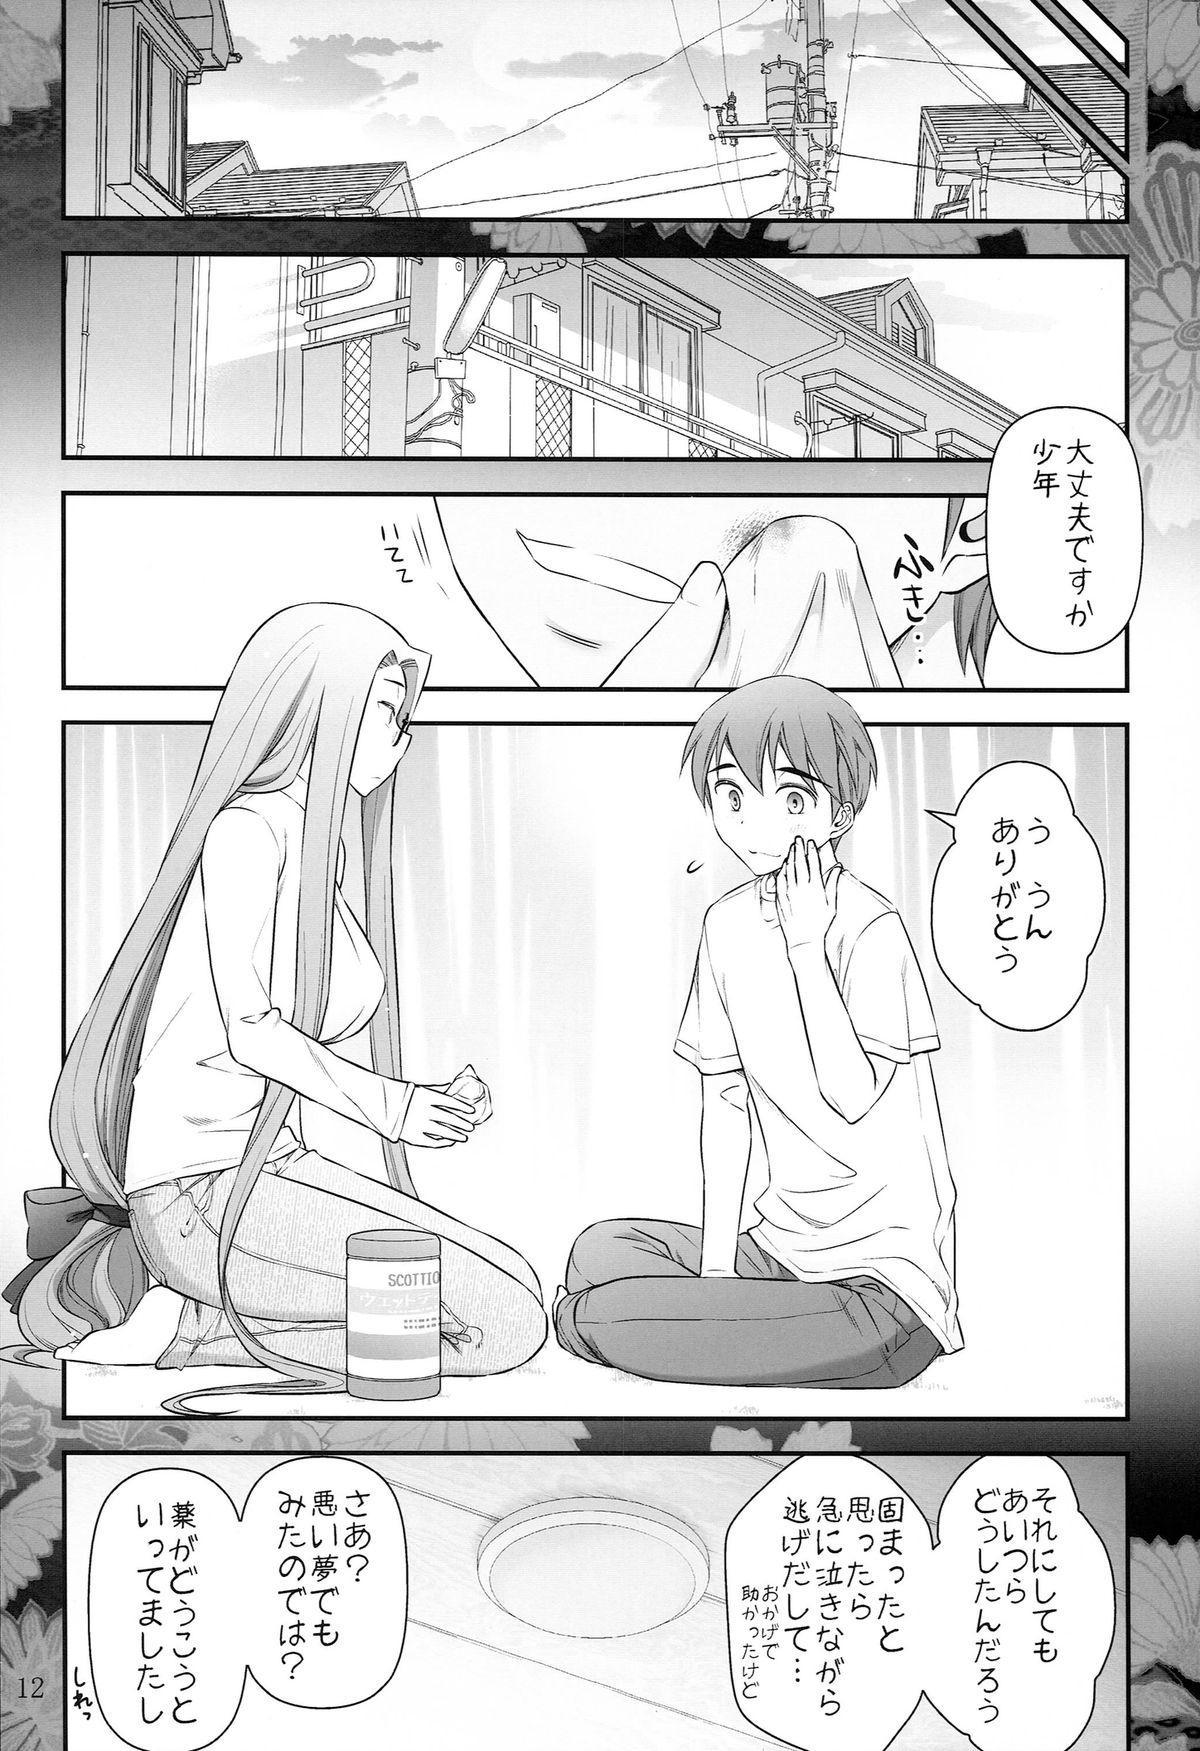 Fate/stay night Rider-san to Shounen no Nichijou 13